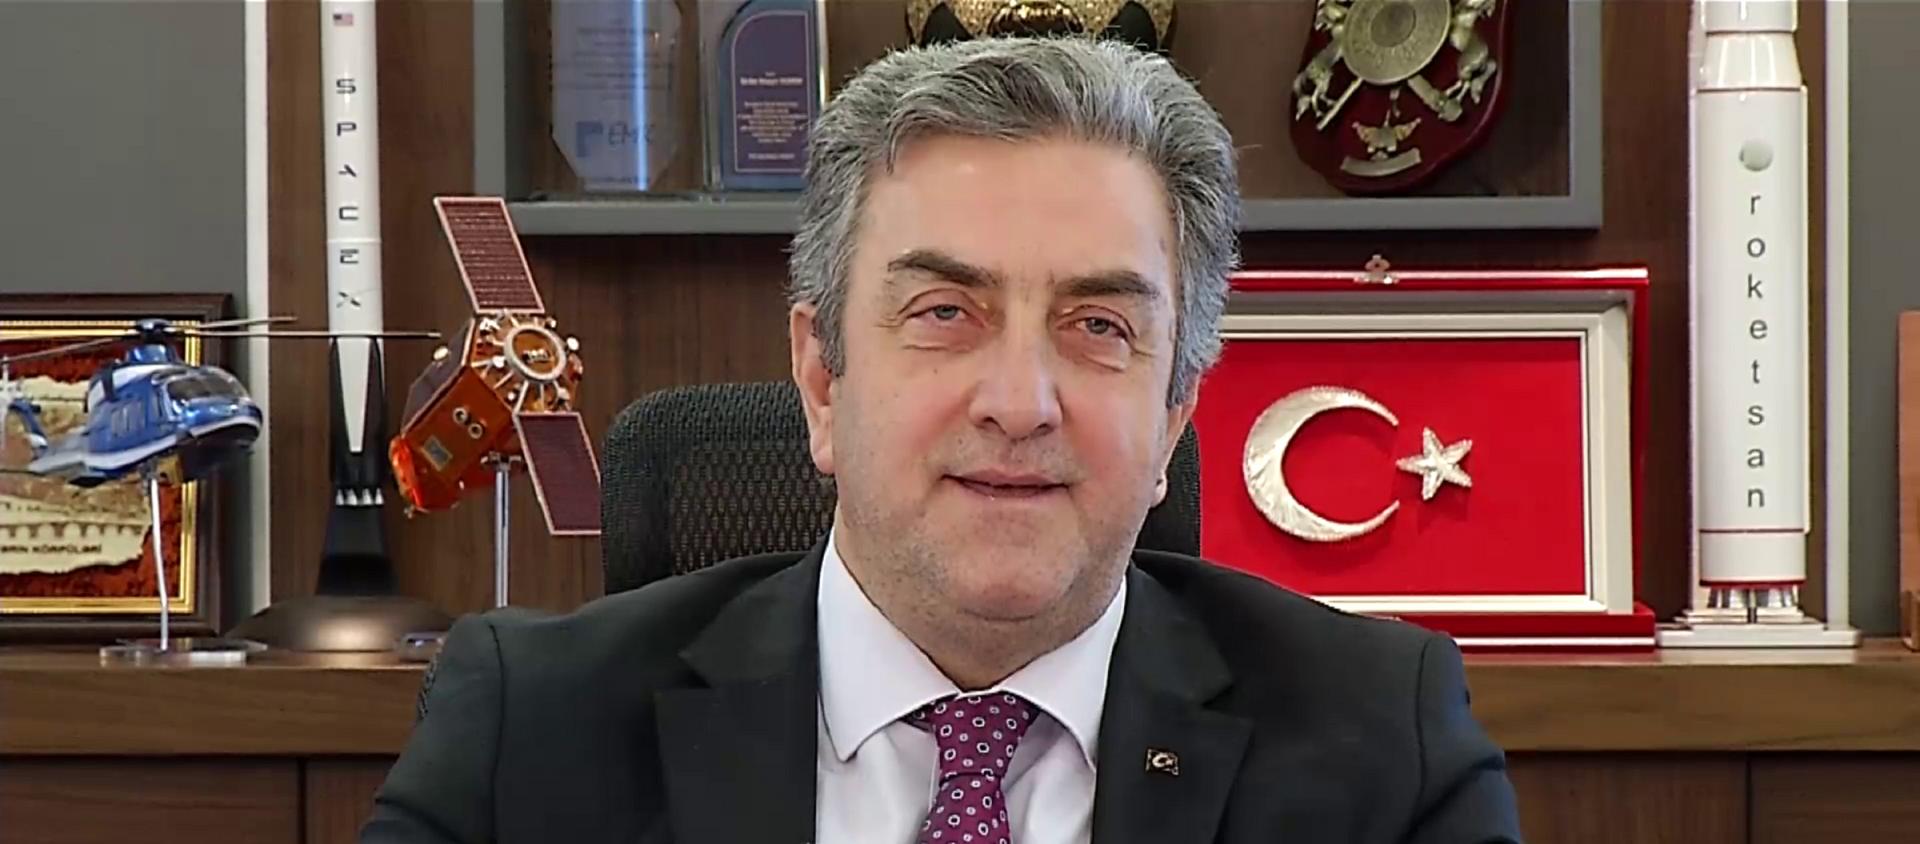 Türkiye Uzay Ajansı (TUA) Başkanı Serdar Hüseyin Yıldırım - Sputnik Türkiye, 1920